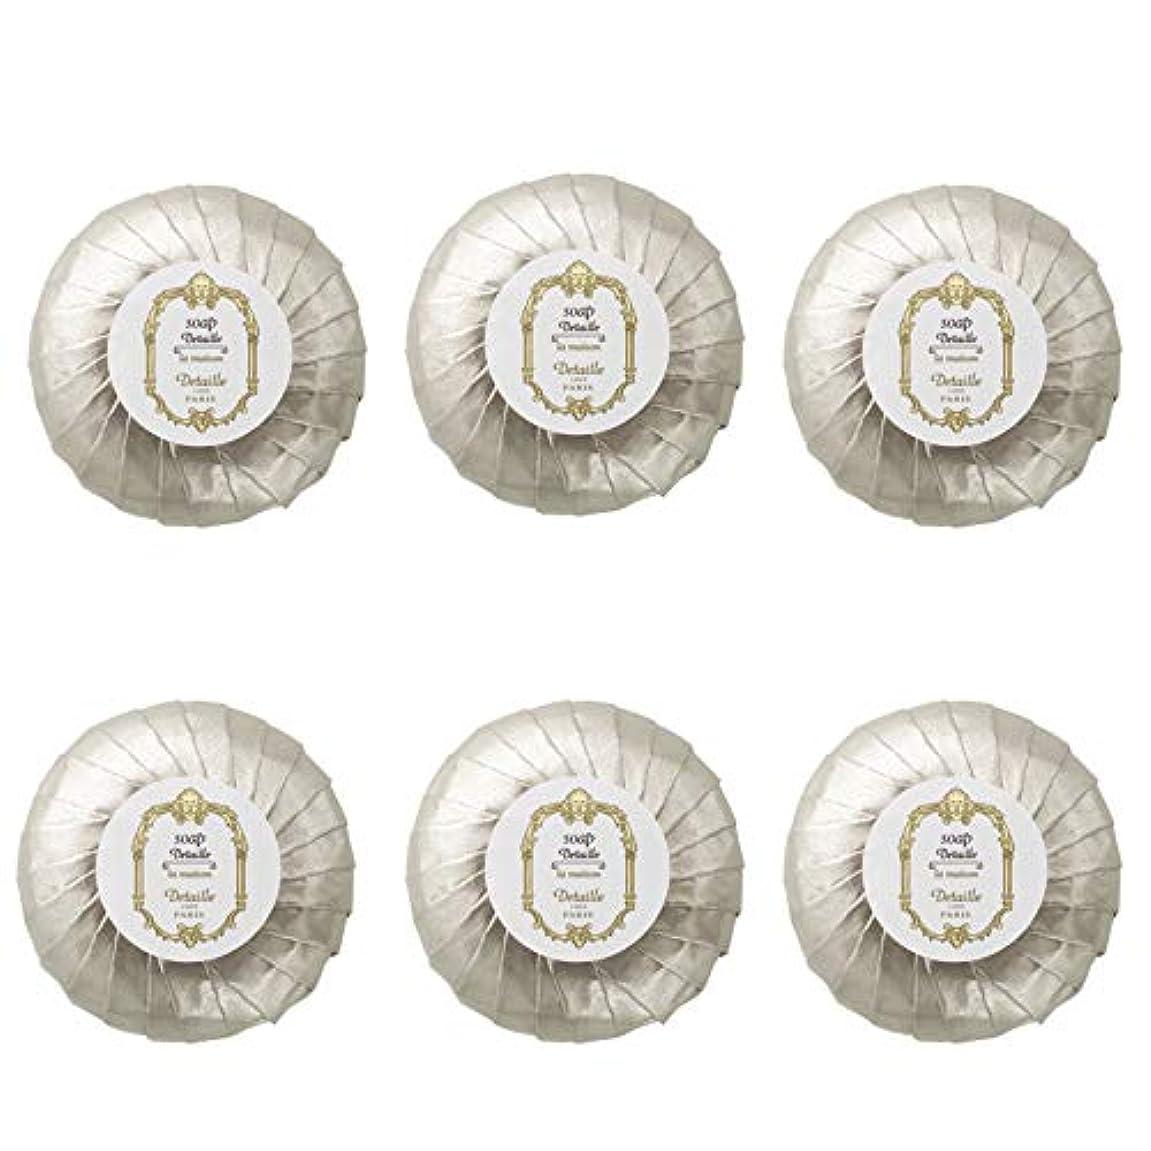 アーサー忠実なアナニバーPOLA デタイユ ラ メゾン スキンソープ 固形石鹸 (プリーツ包装) 50g×6個